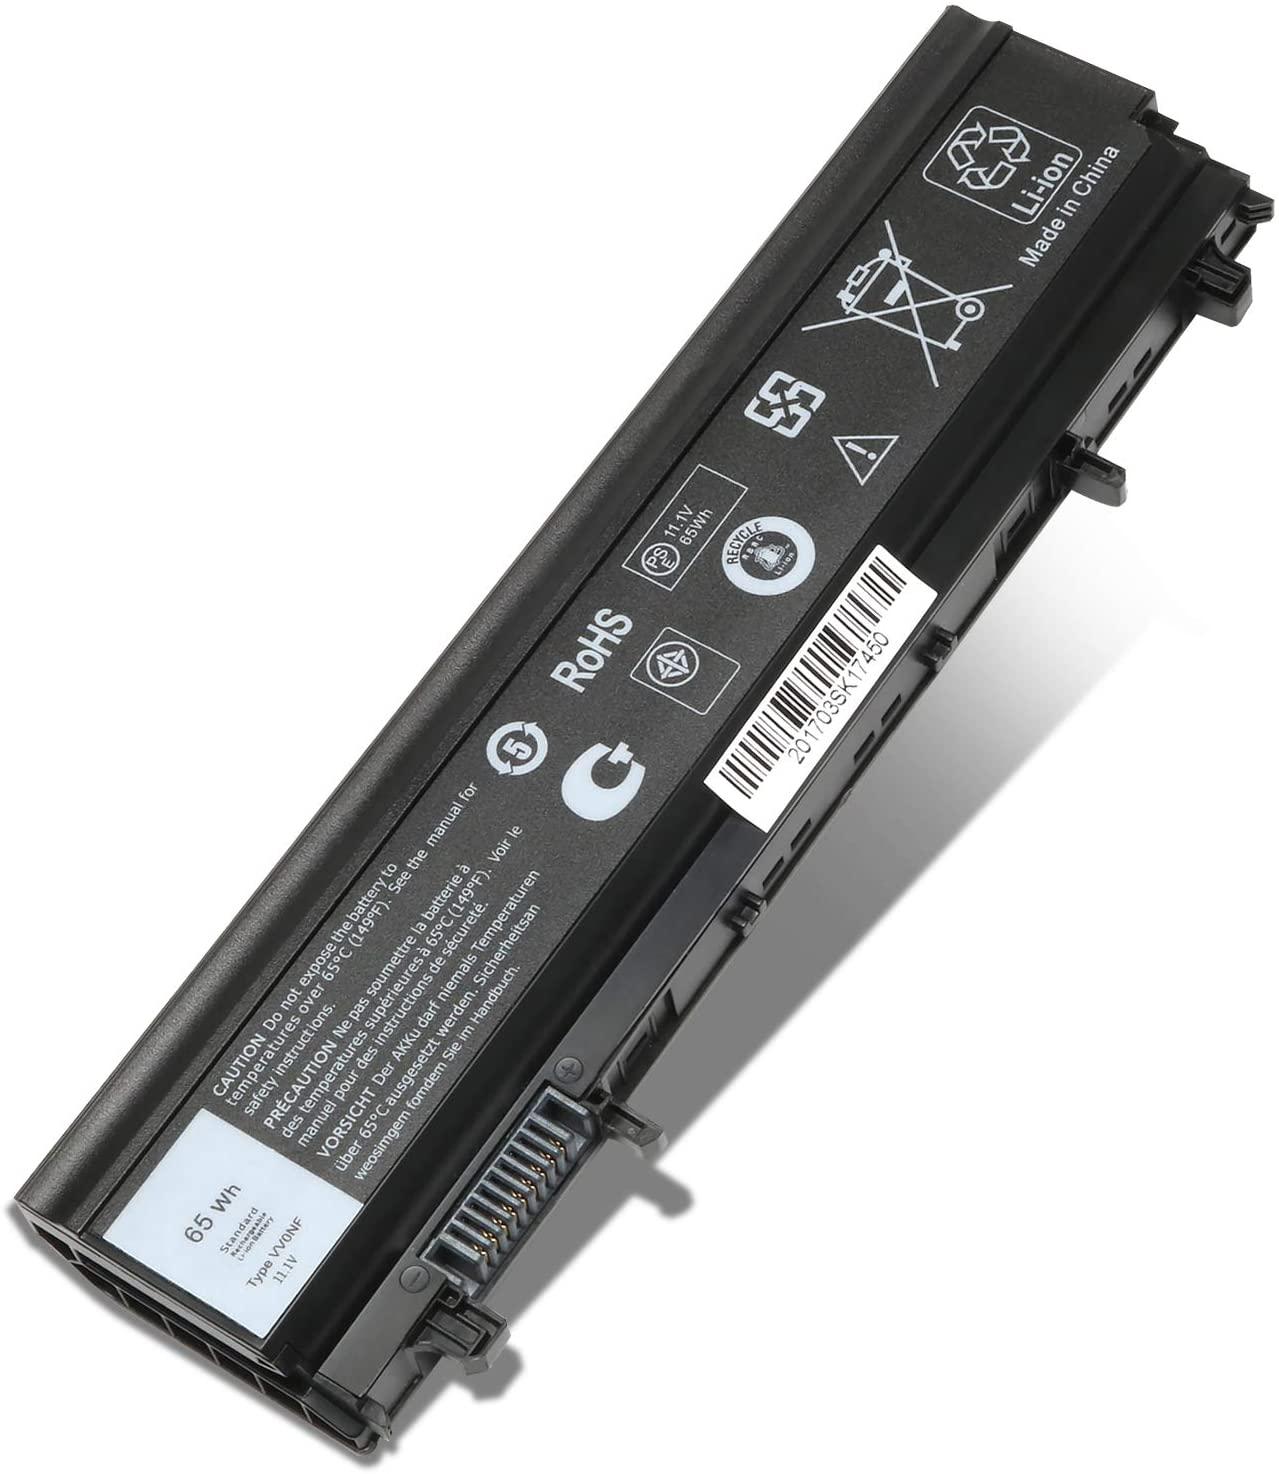 UlvenchVV0NF Laptop Battery for Dell E5540 E5440 Series, fits VV0NF 0K8HC 1N9C0 CXF66 WGCW6 0M7T5F F49WX NVWGM